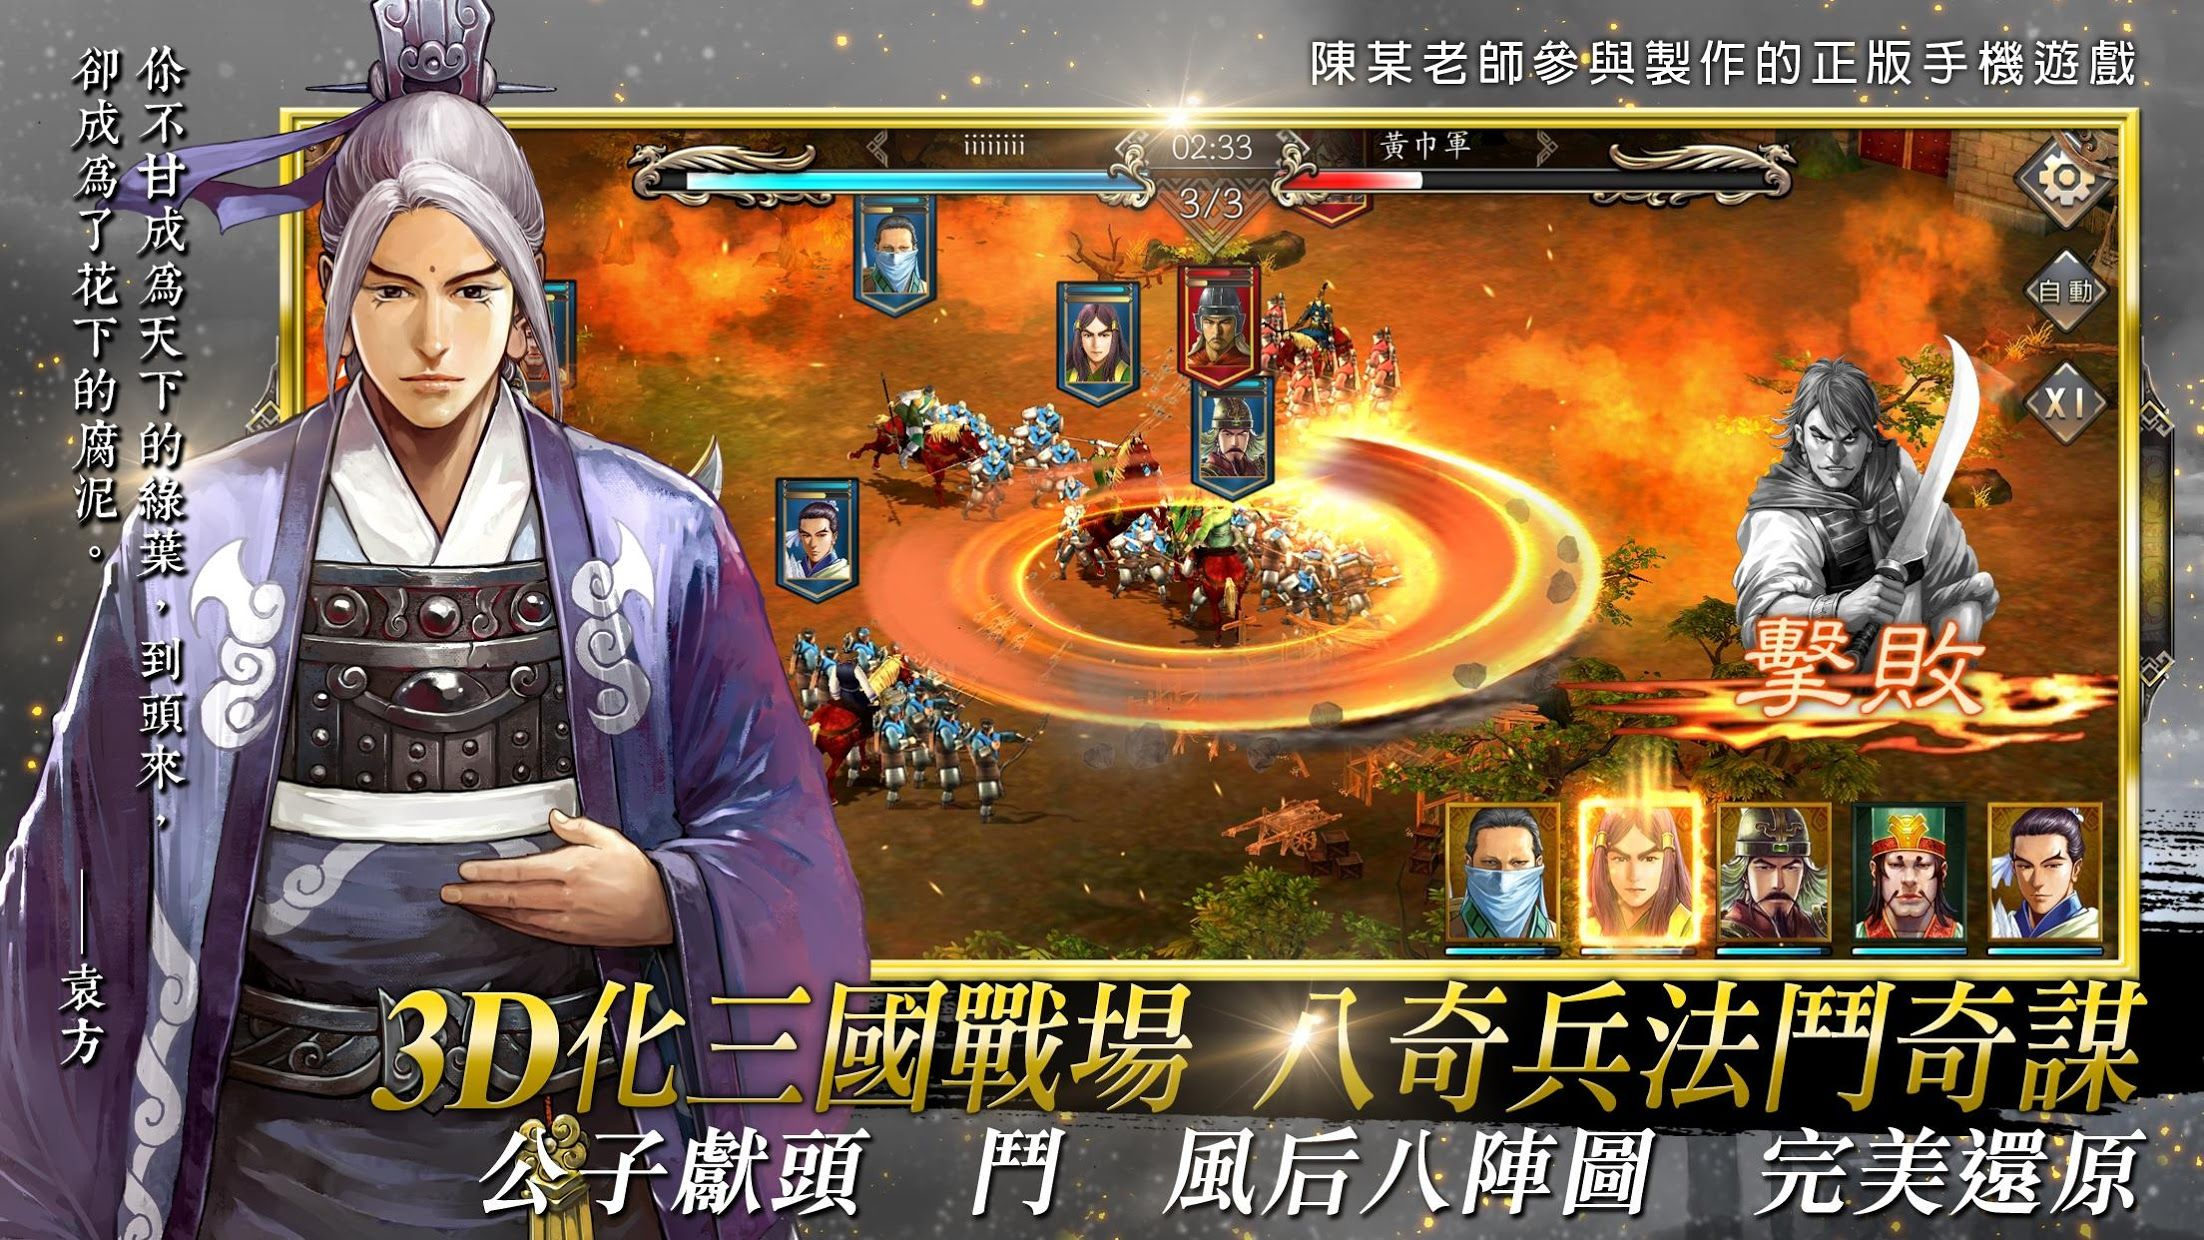 新火凤燎原-乱世英雄 游戏截图4